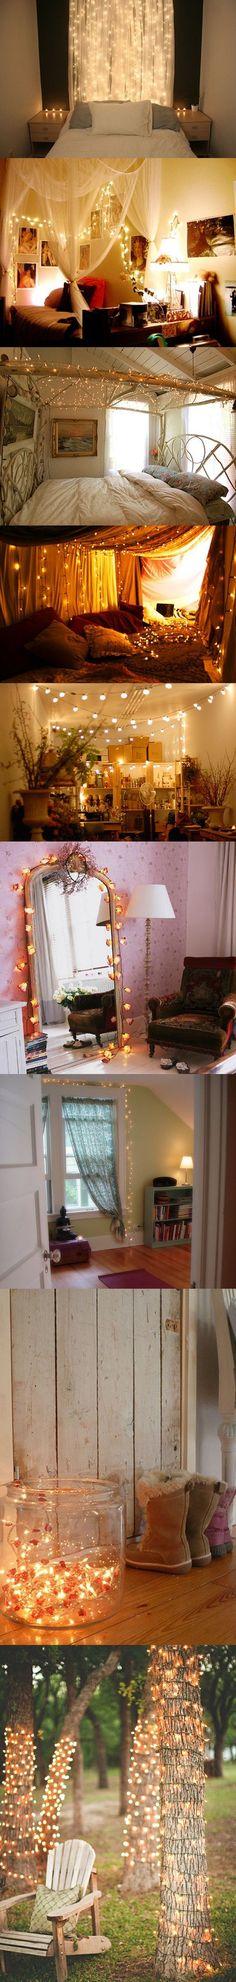 TWINKLY LIGHTS hipster boho bohemian teen tween room dorm bed bedroom